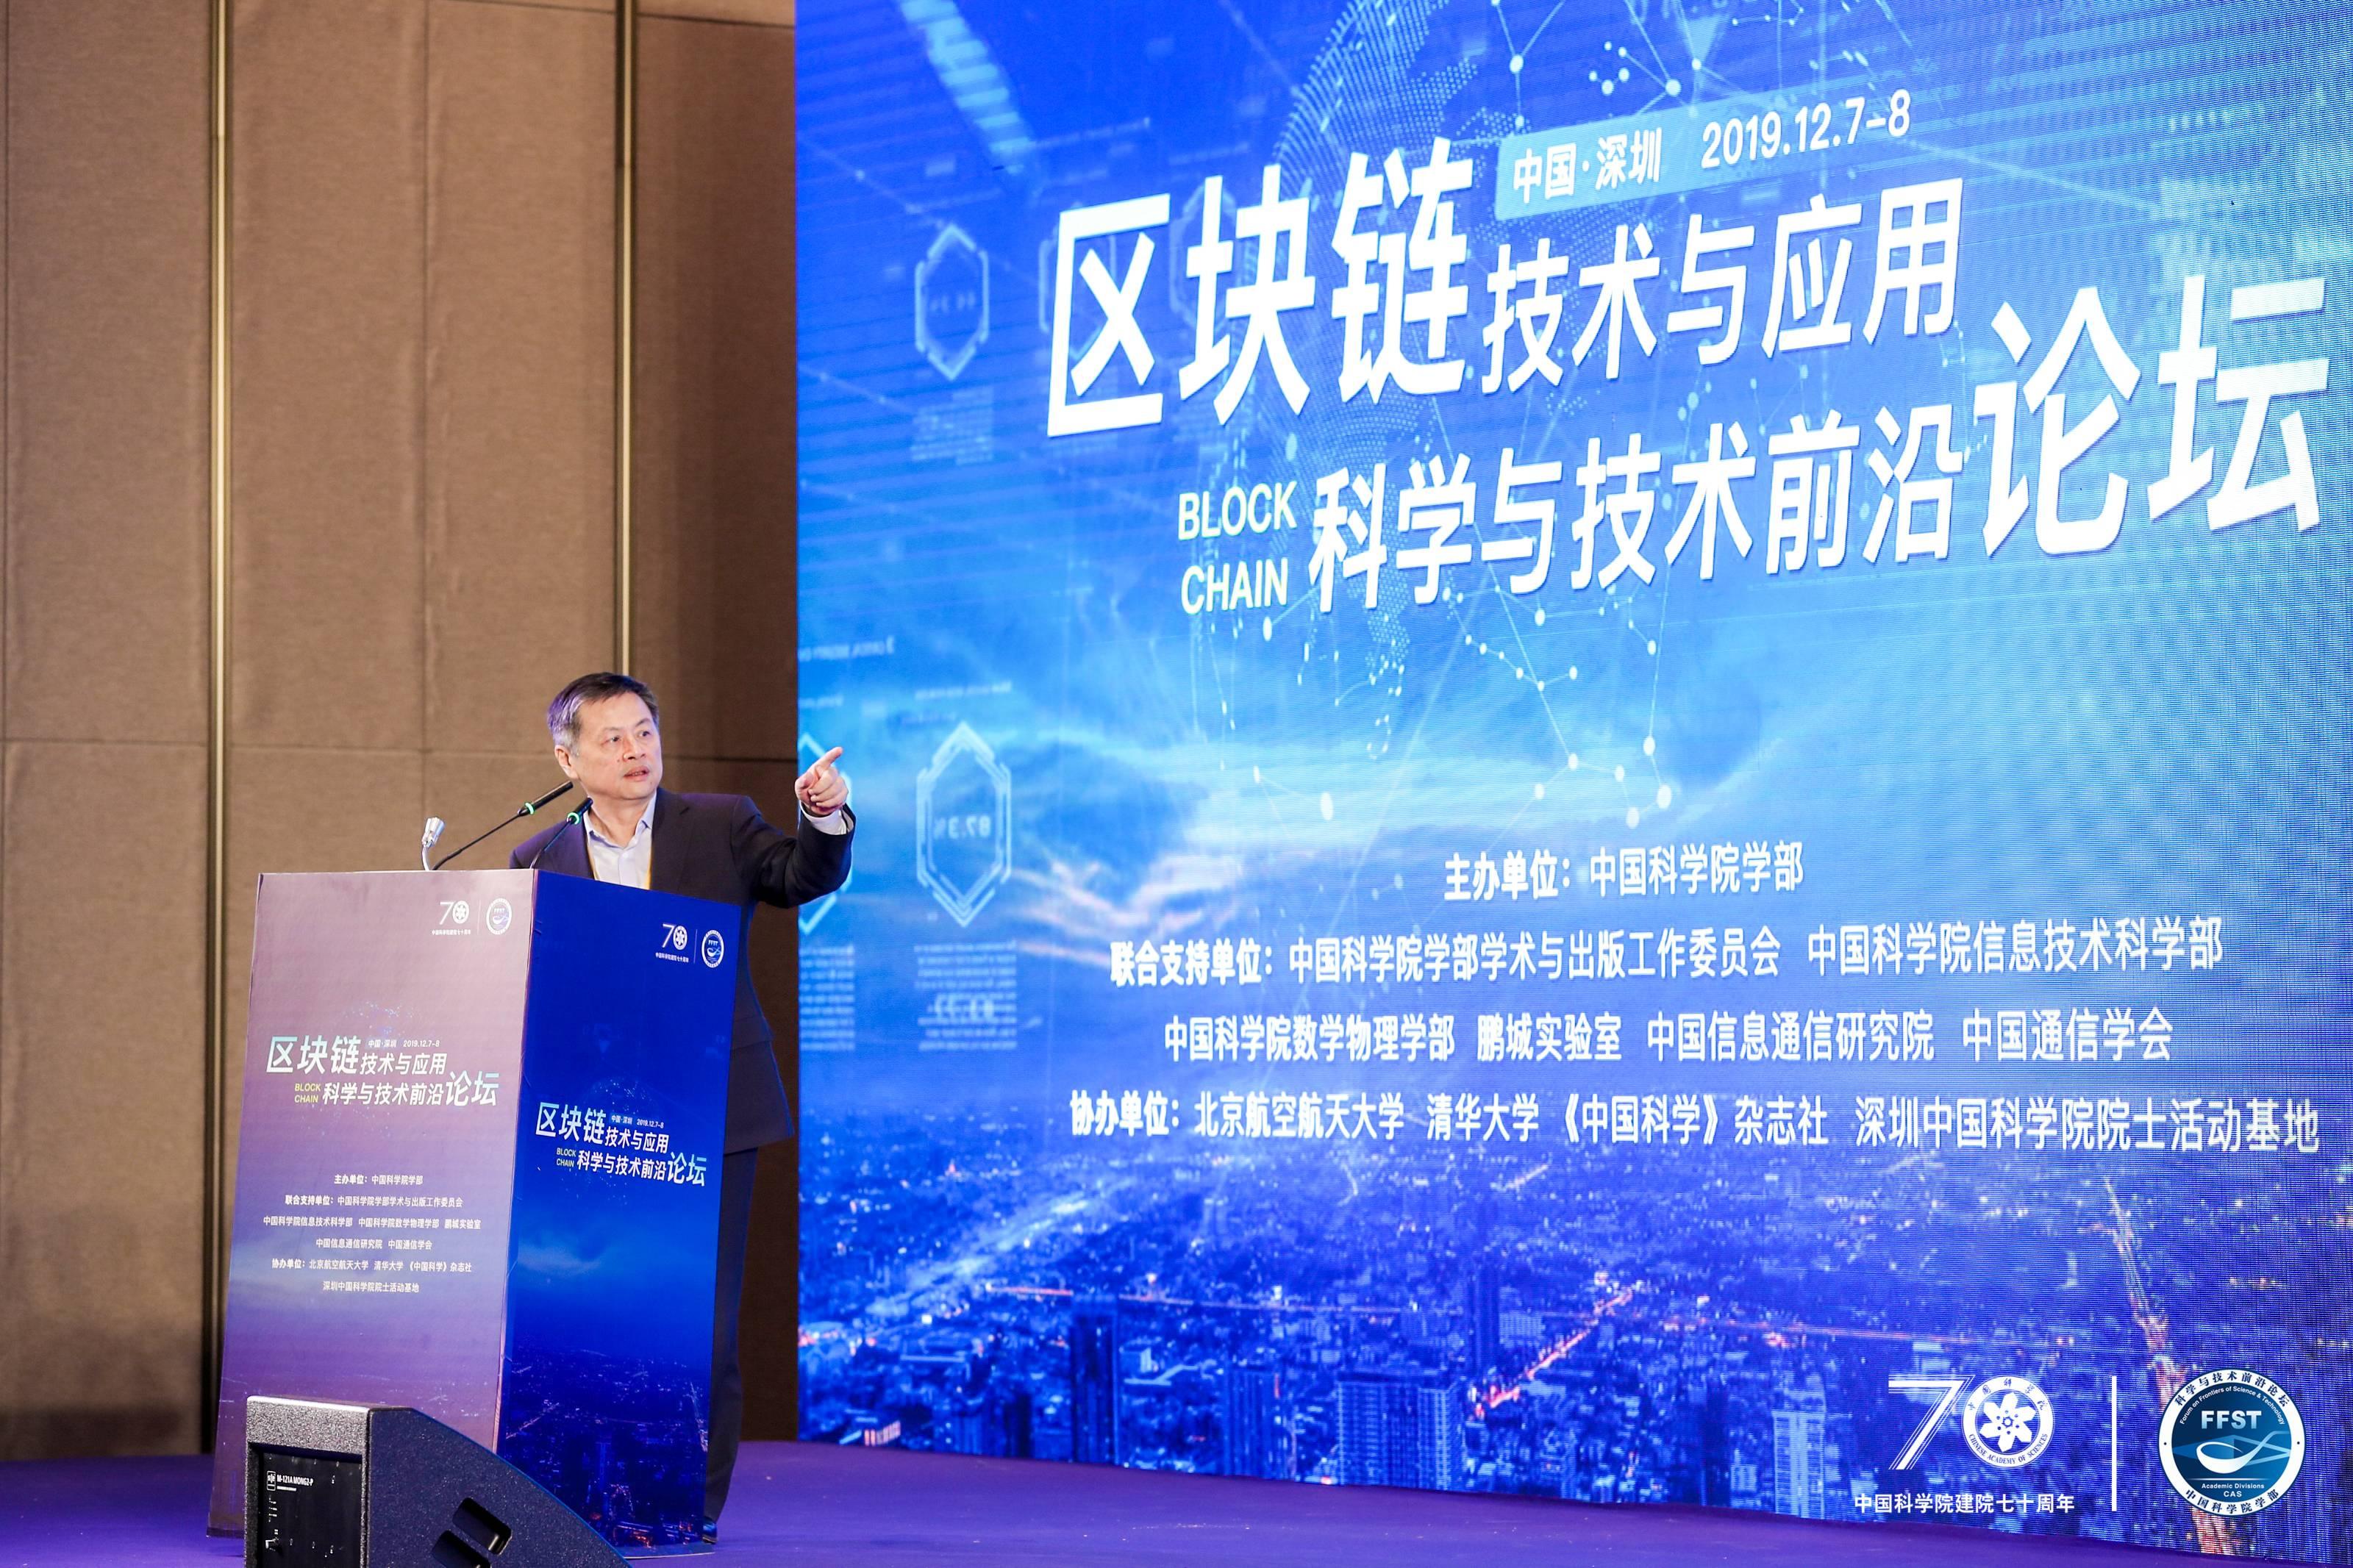 中科院院士郑志明:建立我国的国家主权区块链基础平台迫在眉睫